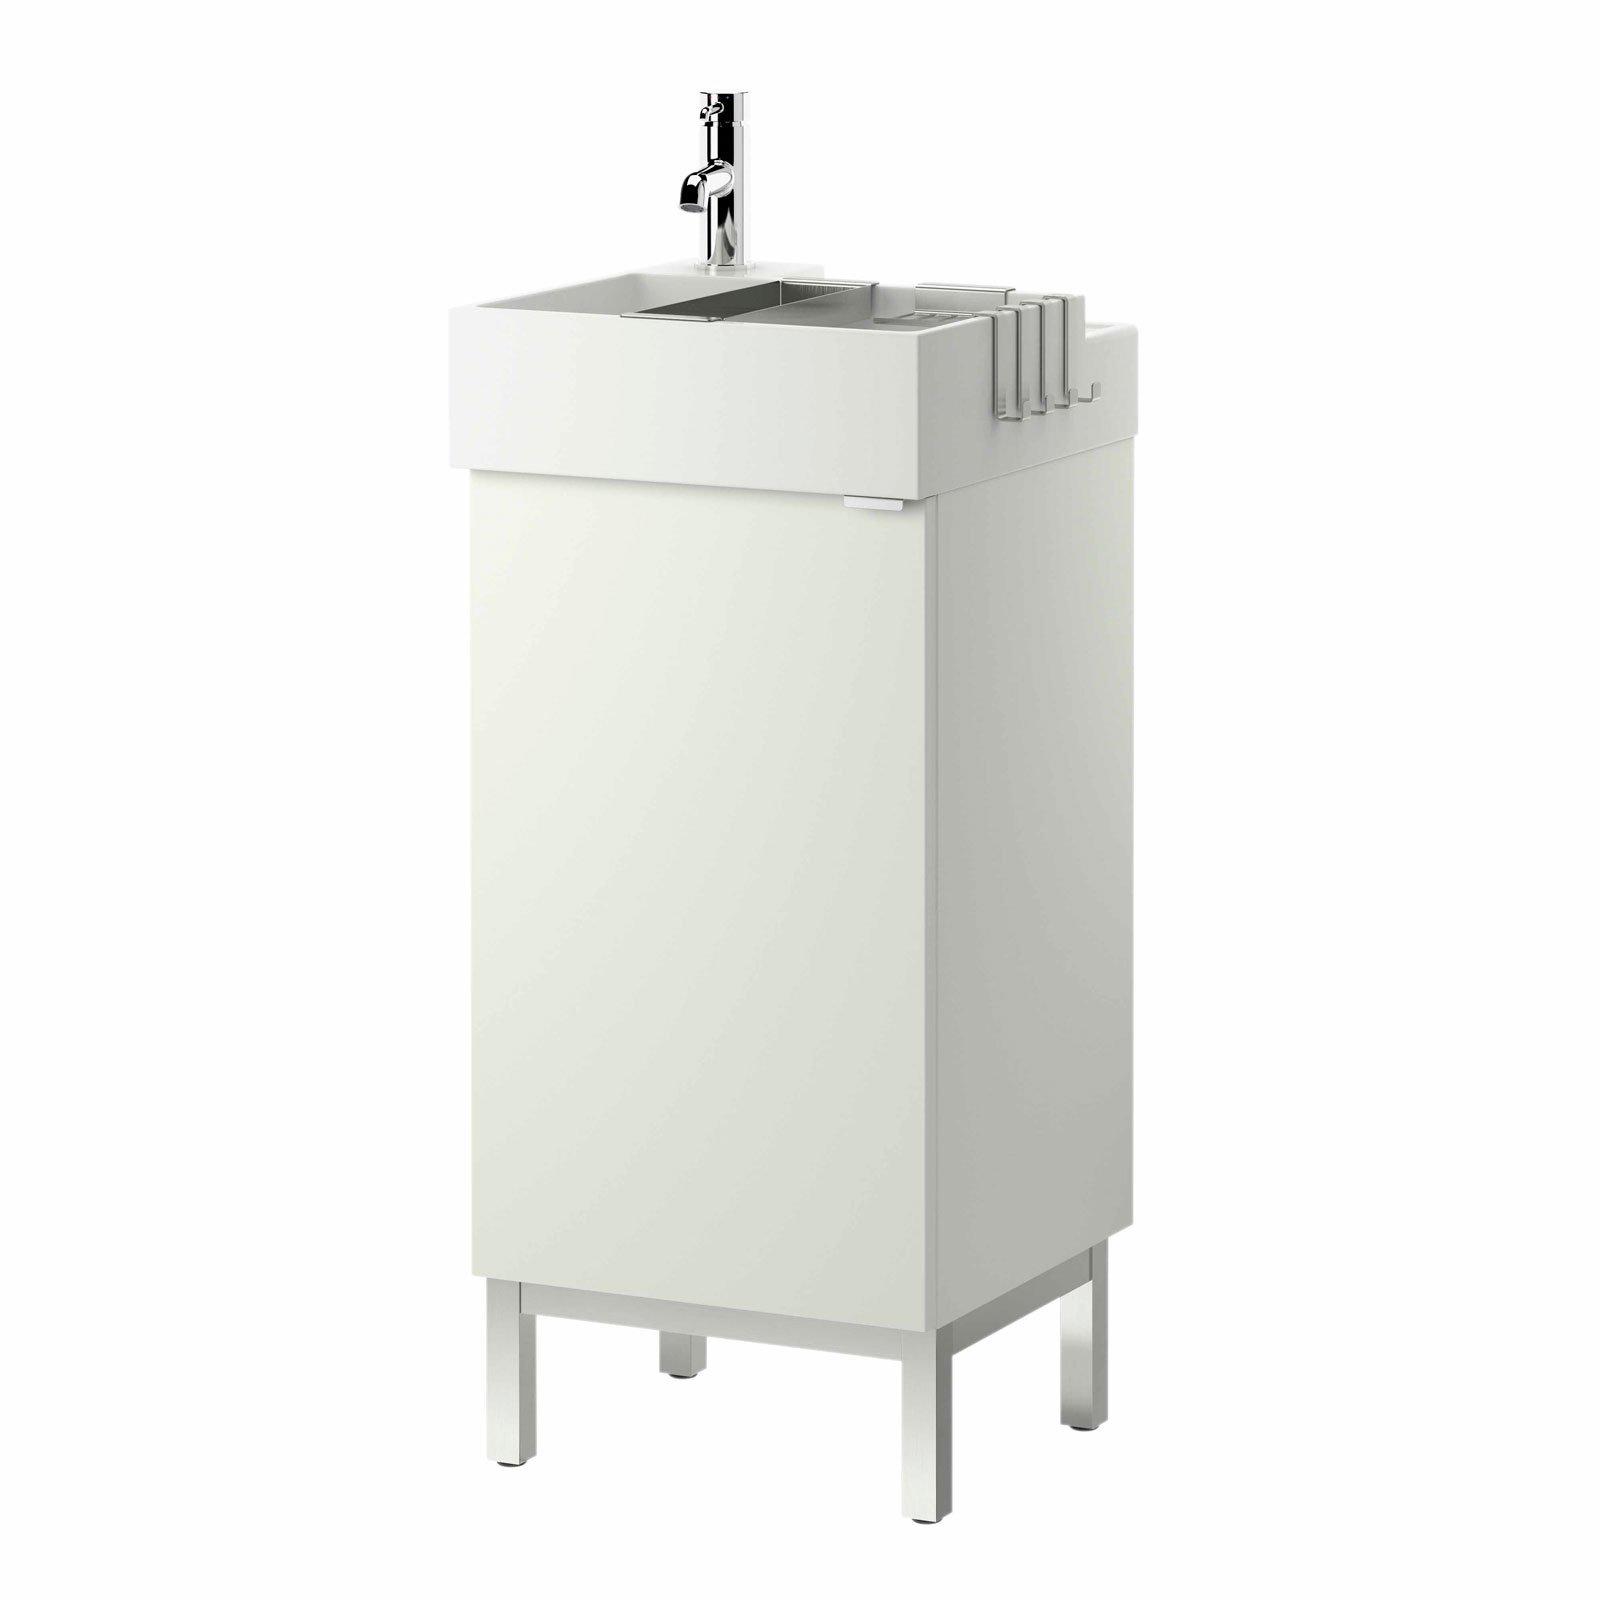 Mobili lavabo piccoli. Per risparmiare centimetri preziosi - Cose ...